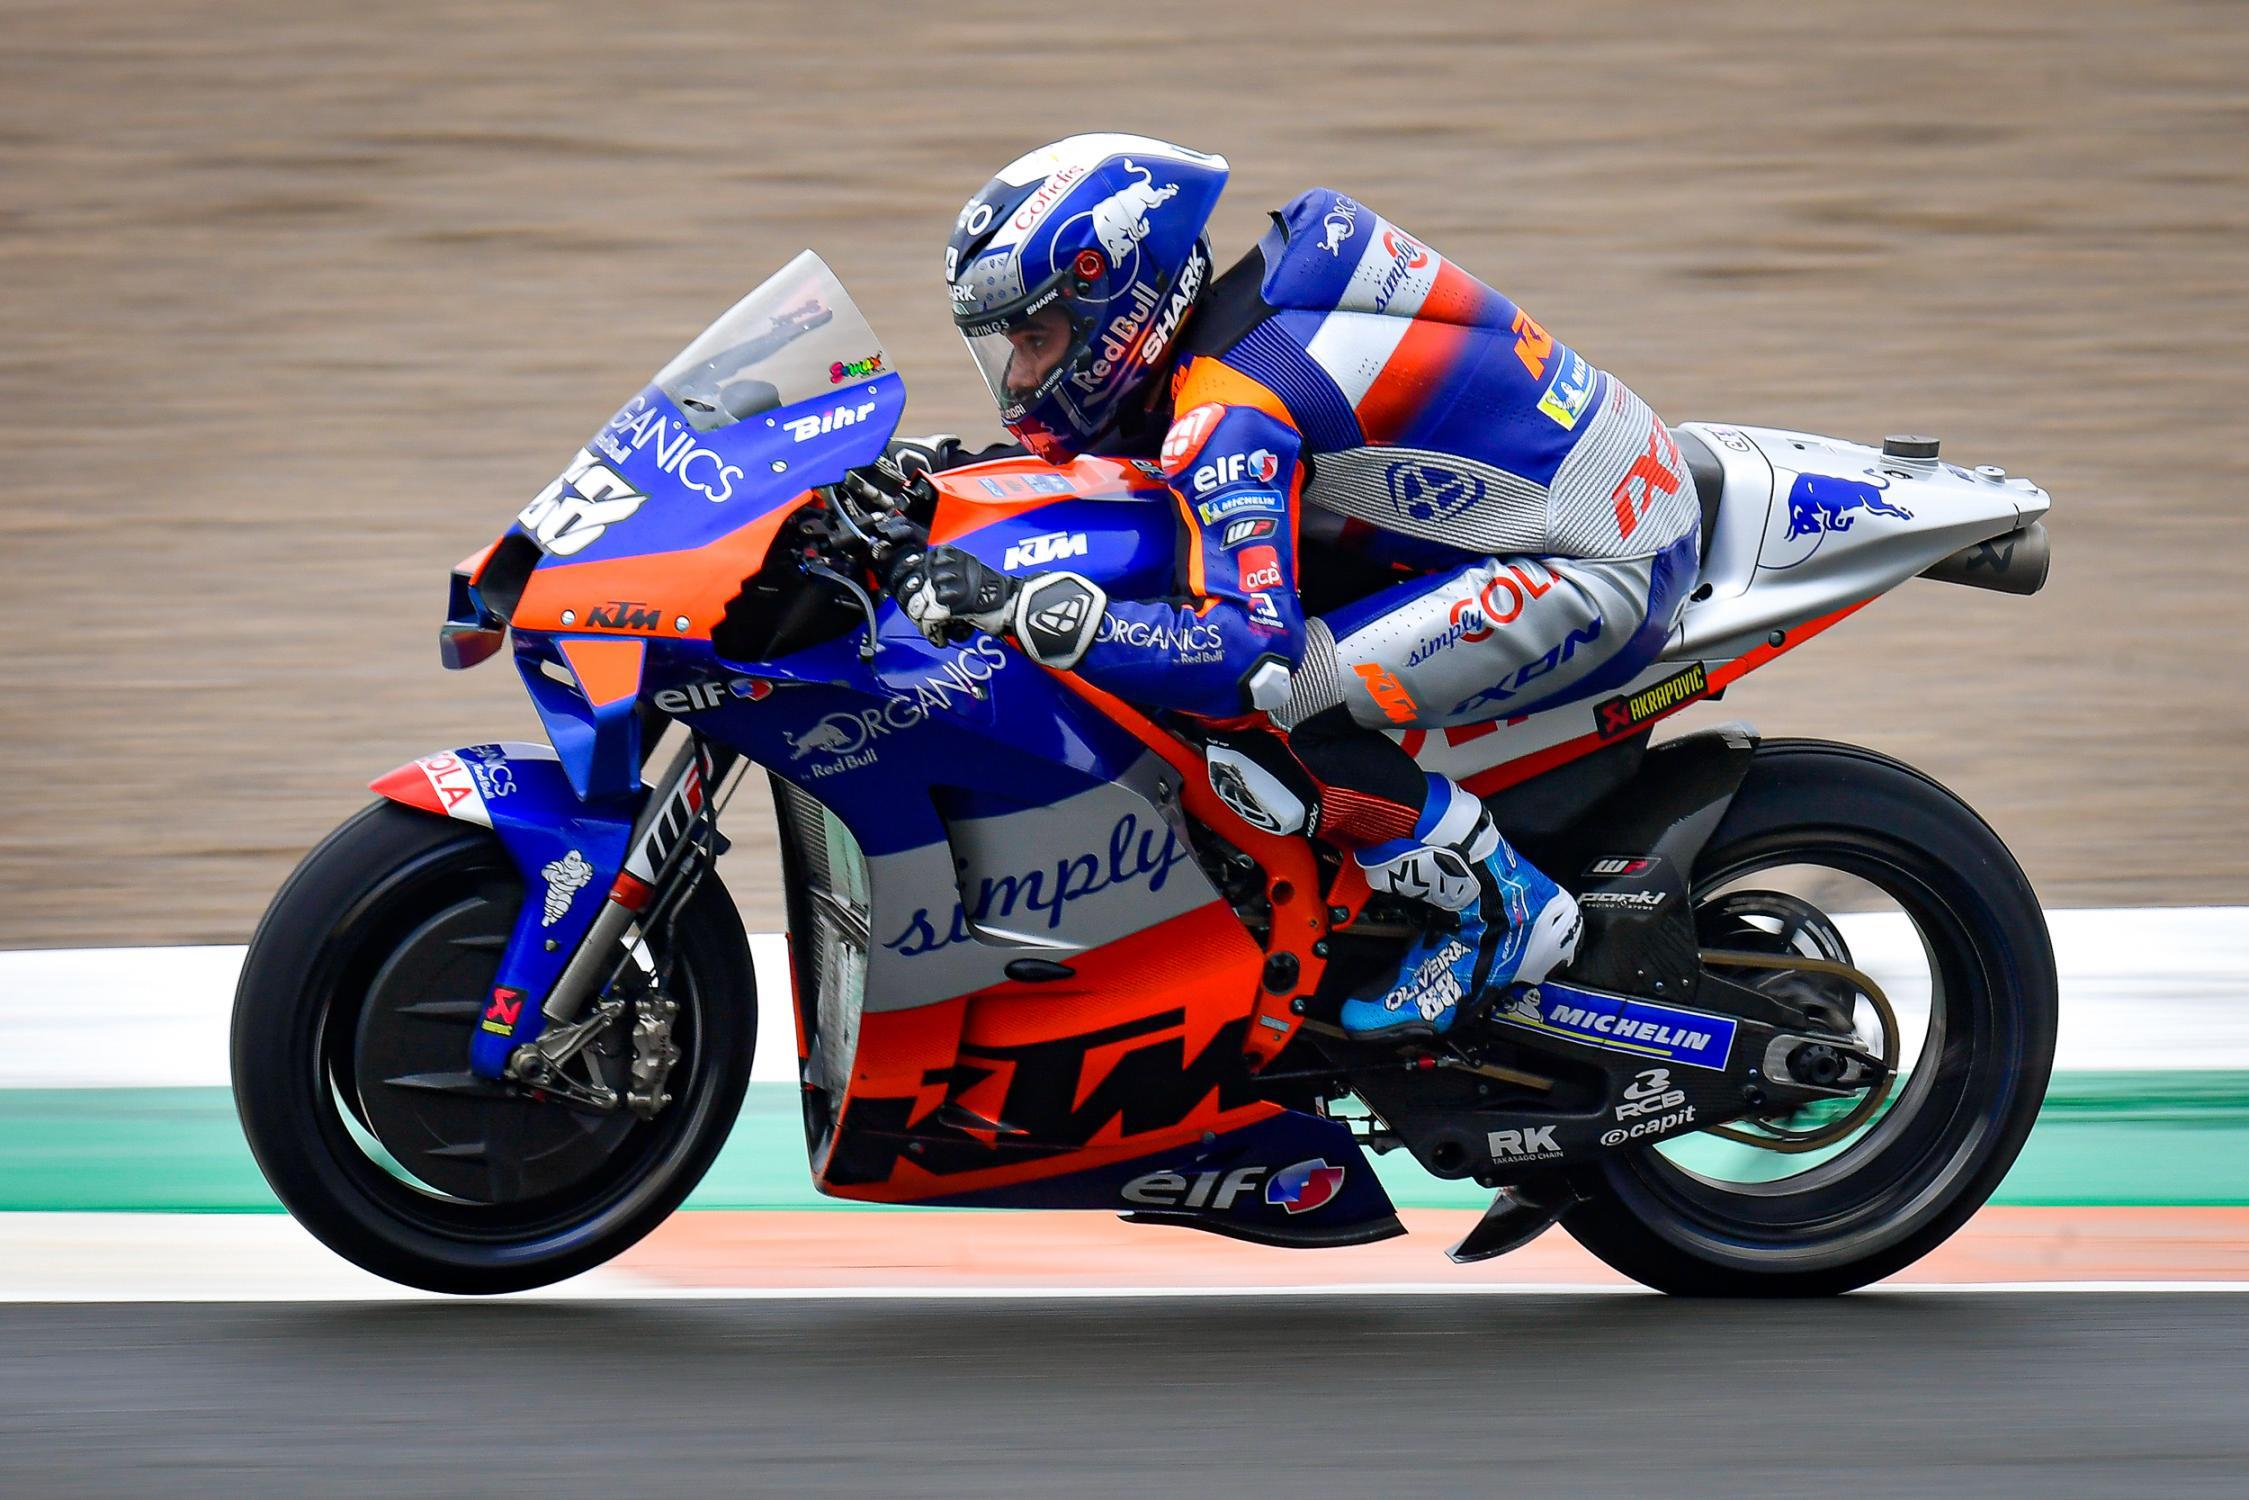 MotoGP, 2020, Europa: dez fatos antes da corrida - esporte